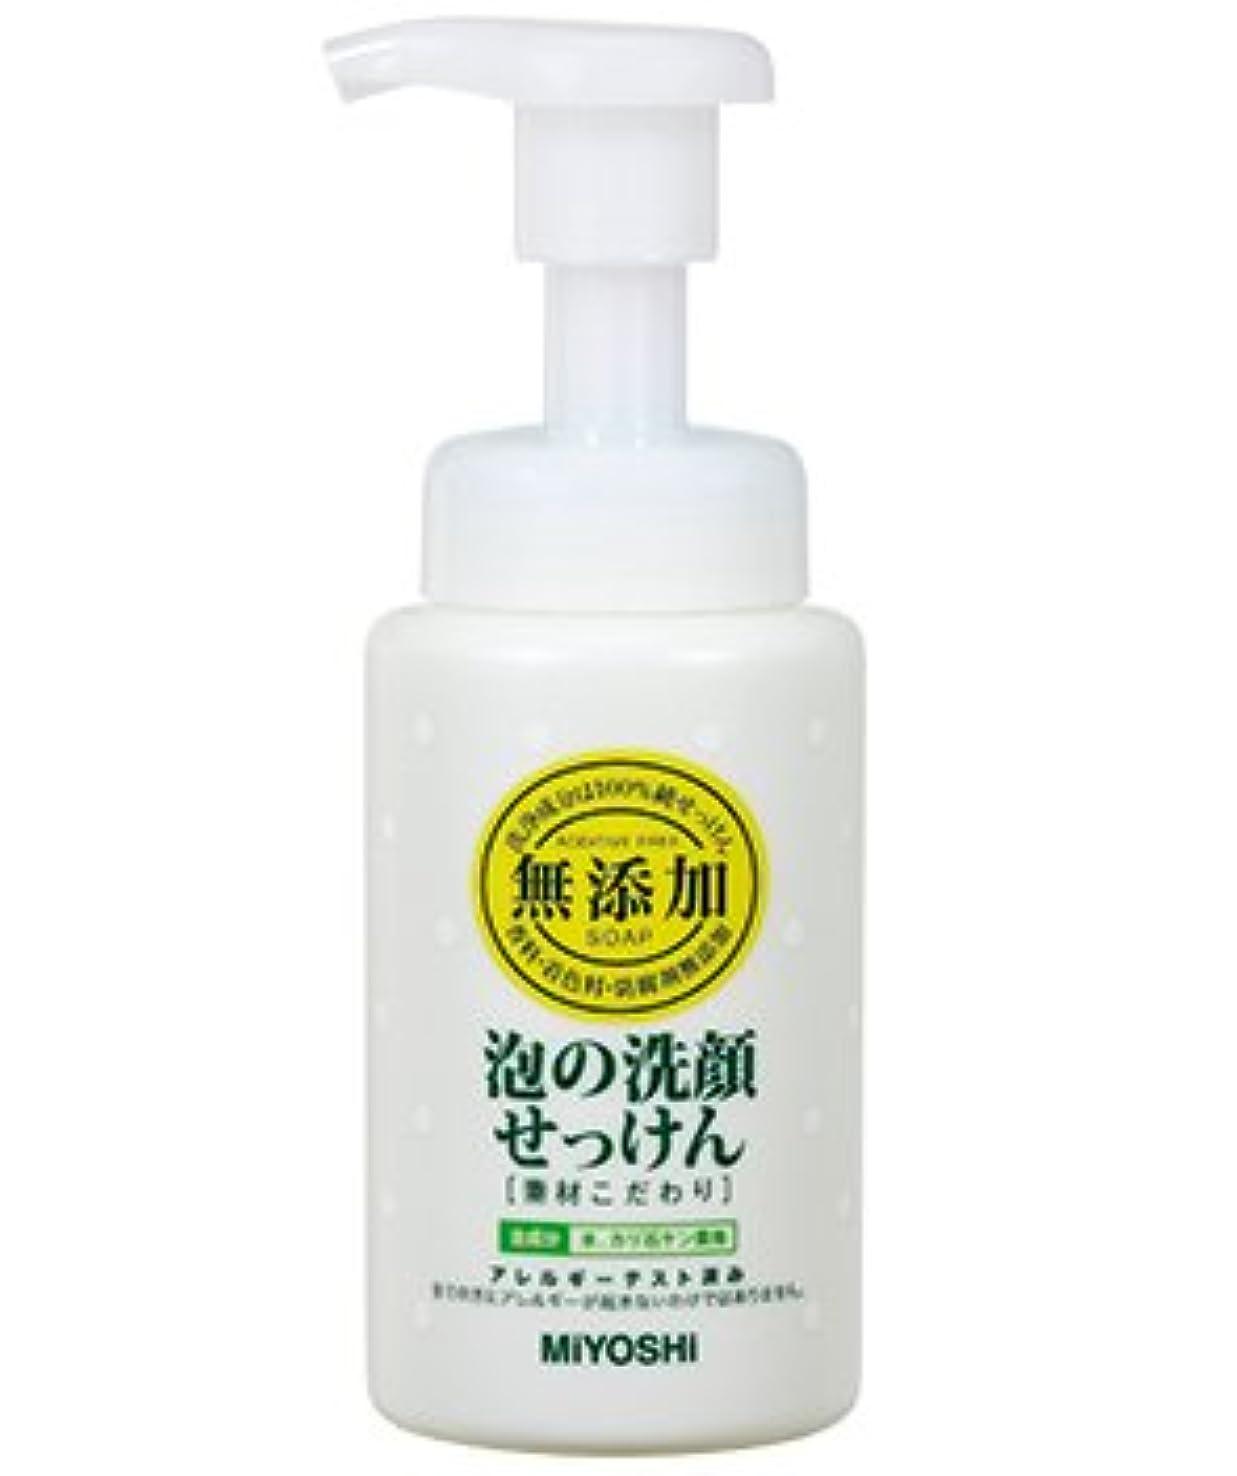 浸透するキノコ差別的ミヨシ石鹸 無添加 泡の洗顔せっけん 200ml 合成界面活性剤はもちろん、香料、着色料、防腐剤などは一切加えていません×24点セット (4537130102022)